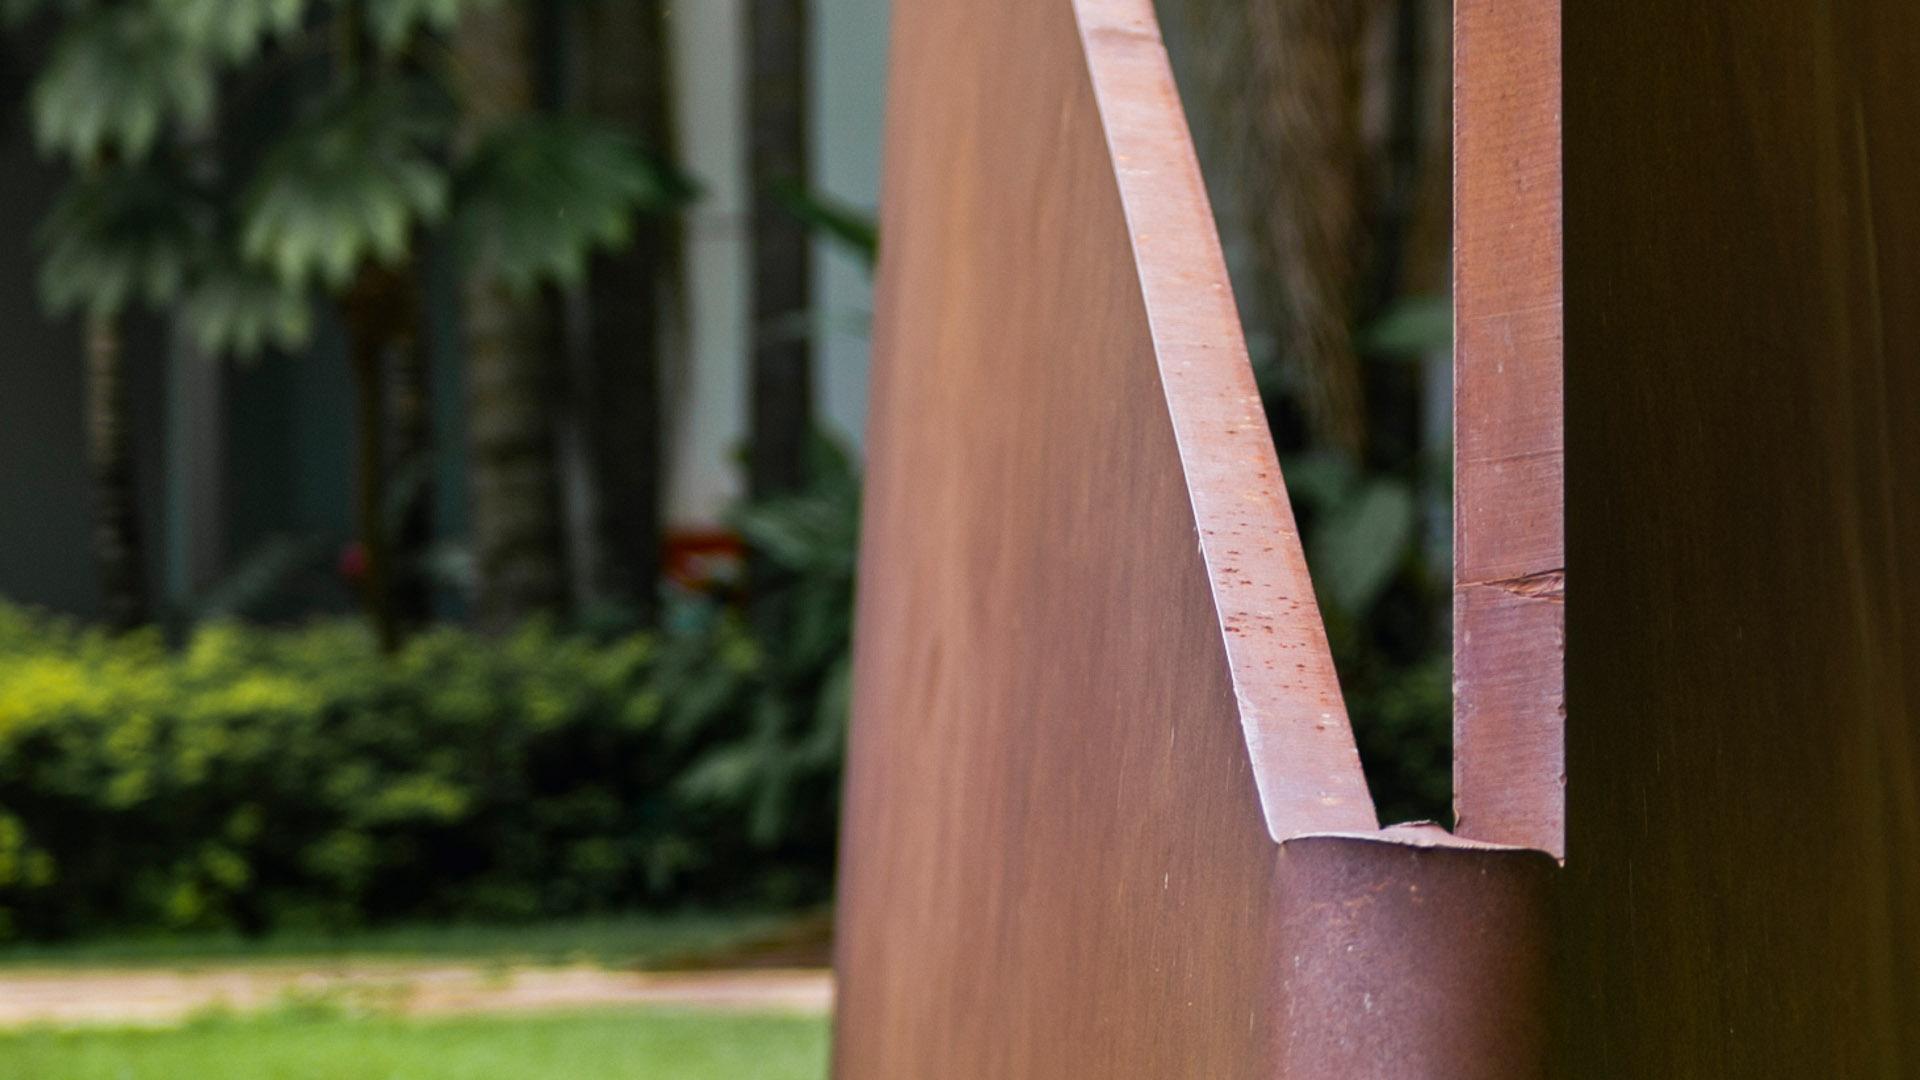 Obra Sem título, 2001, de Amilcar de Castro. Acervo de arte contemporânea do Inhotim